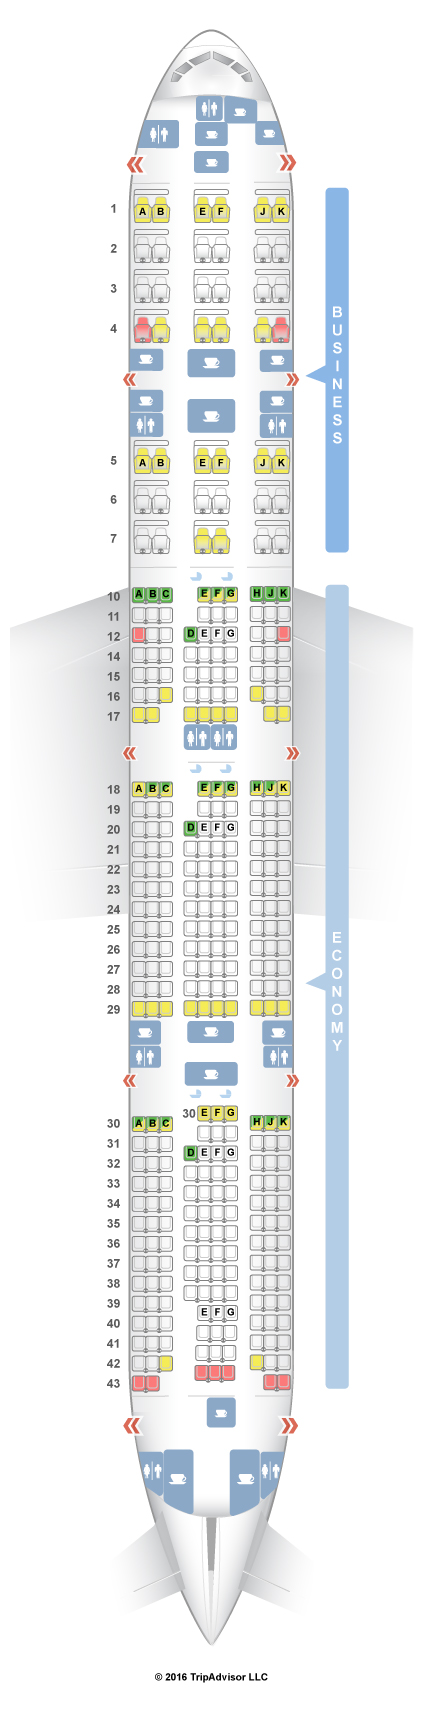 SeatGuru Seat Map Qatar Airways Boeing 777-300ER (77W) V1 - photo#46